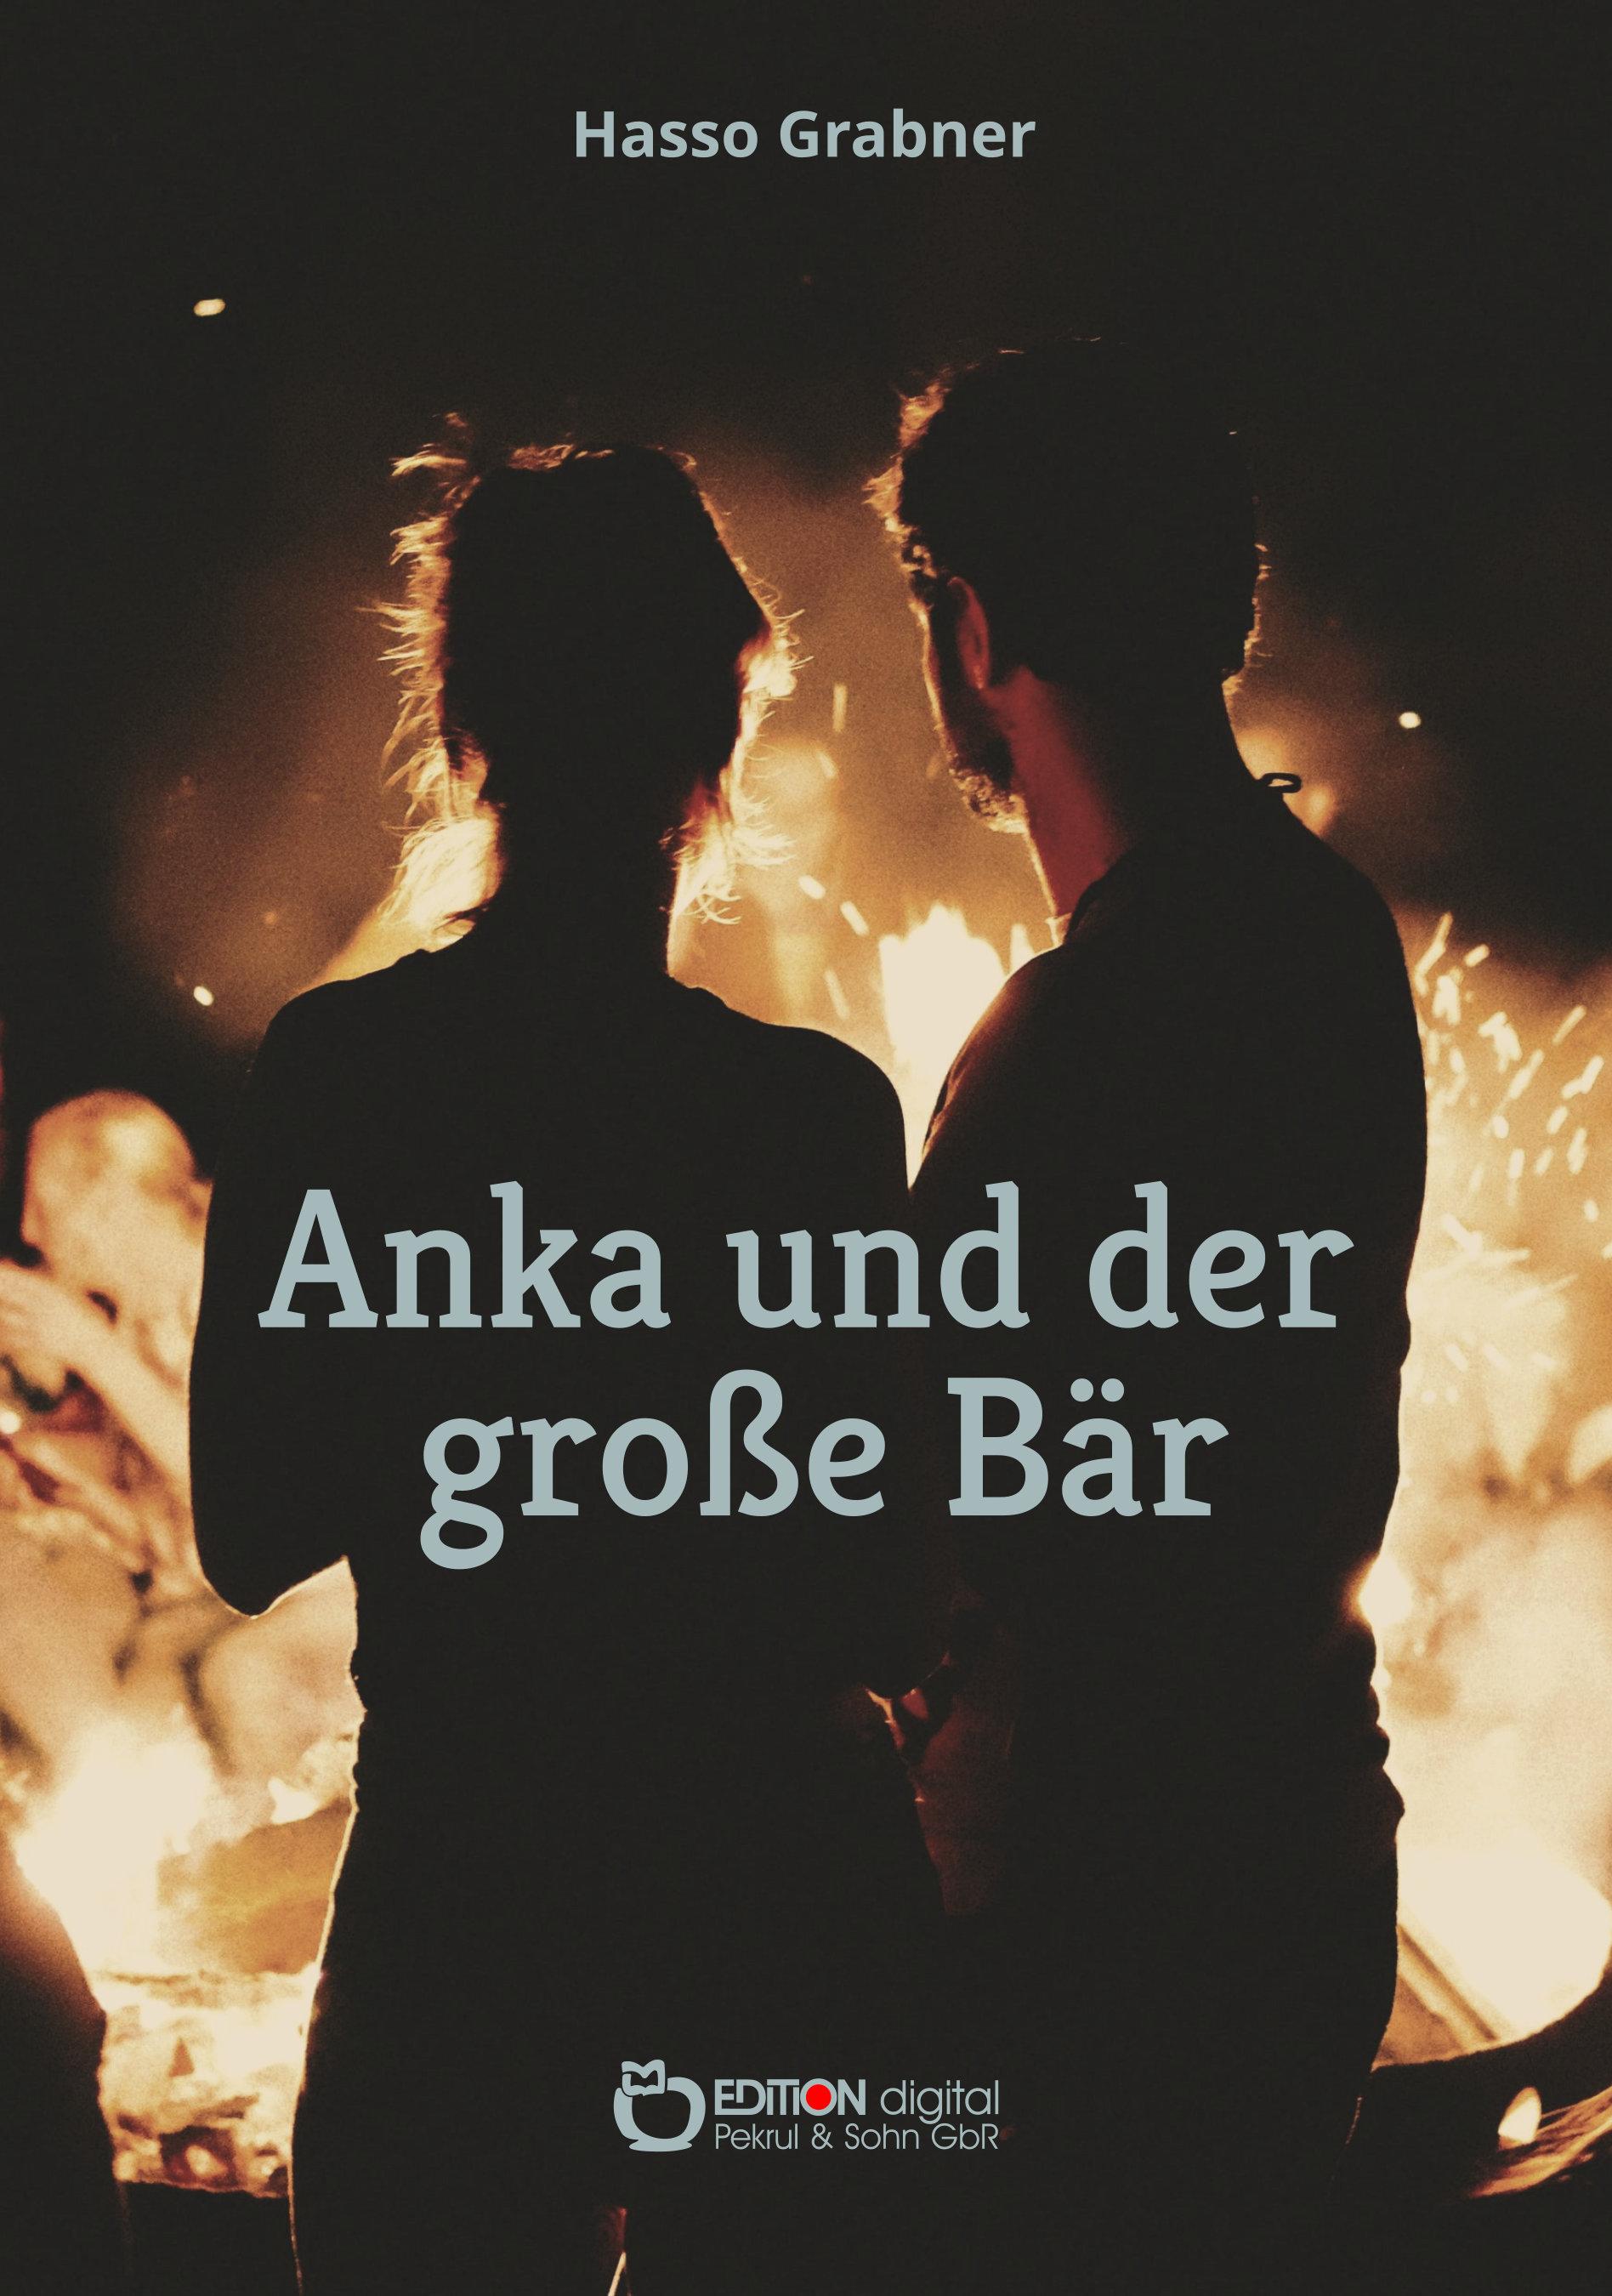 Anka und der große Bär von Hasso Grabner